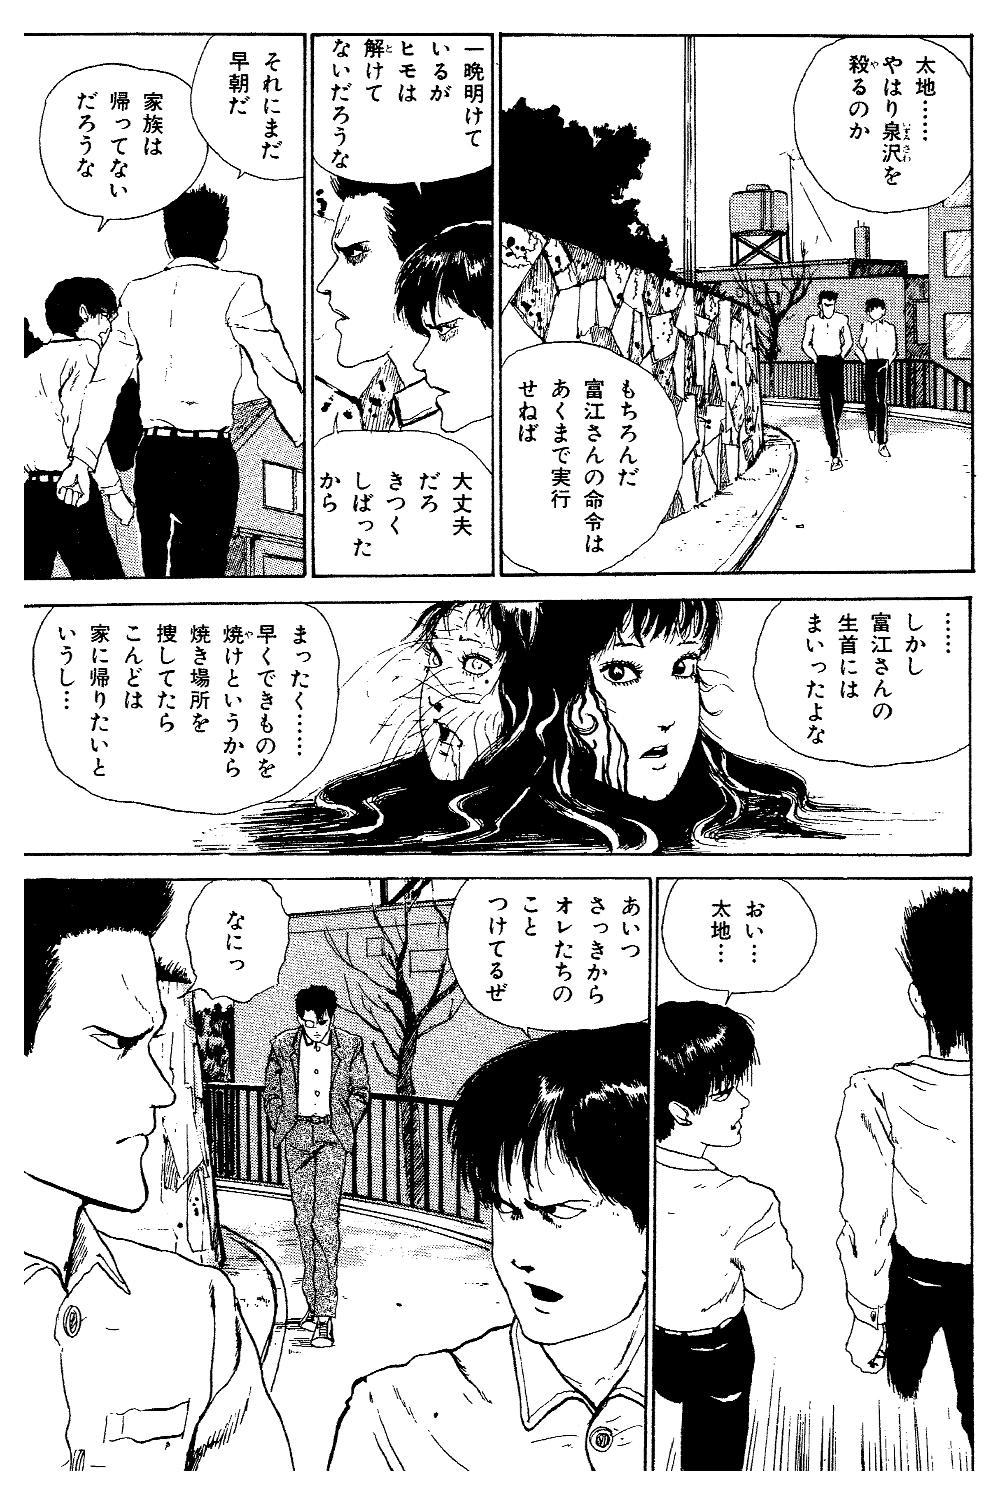 伊藤潤二傑作集 第5話「富江 接吻」①junji15-05.jpg